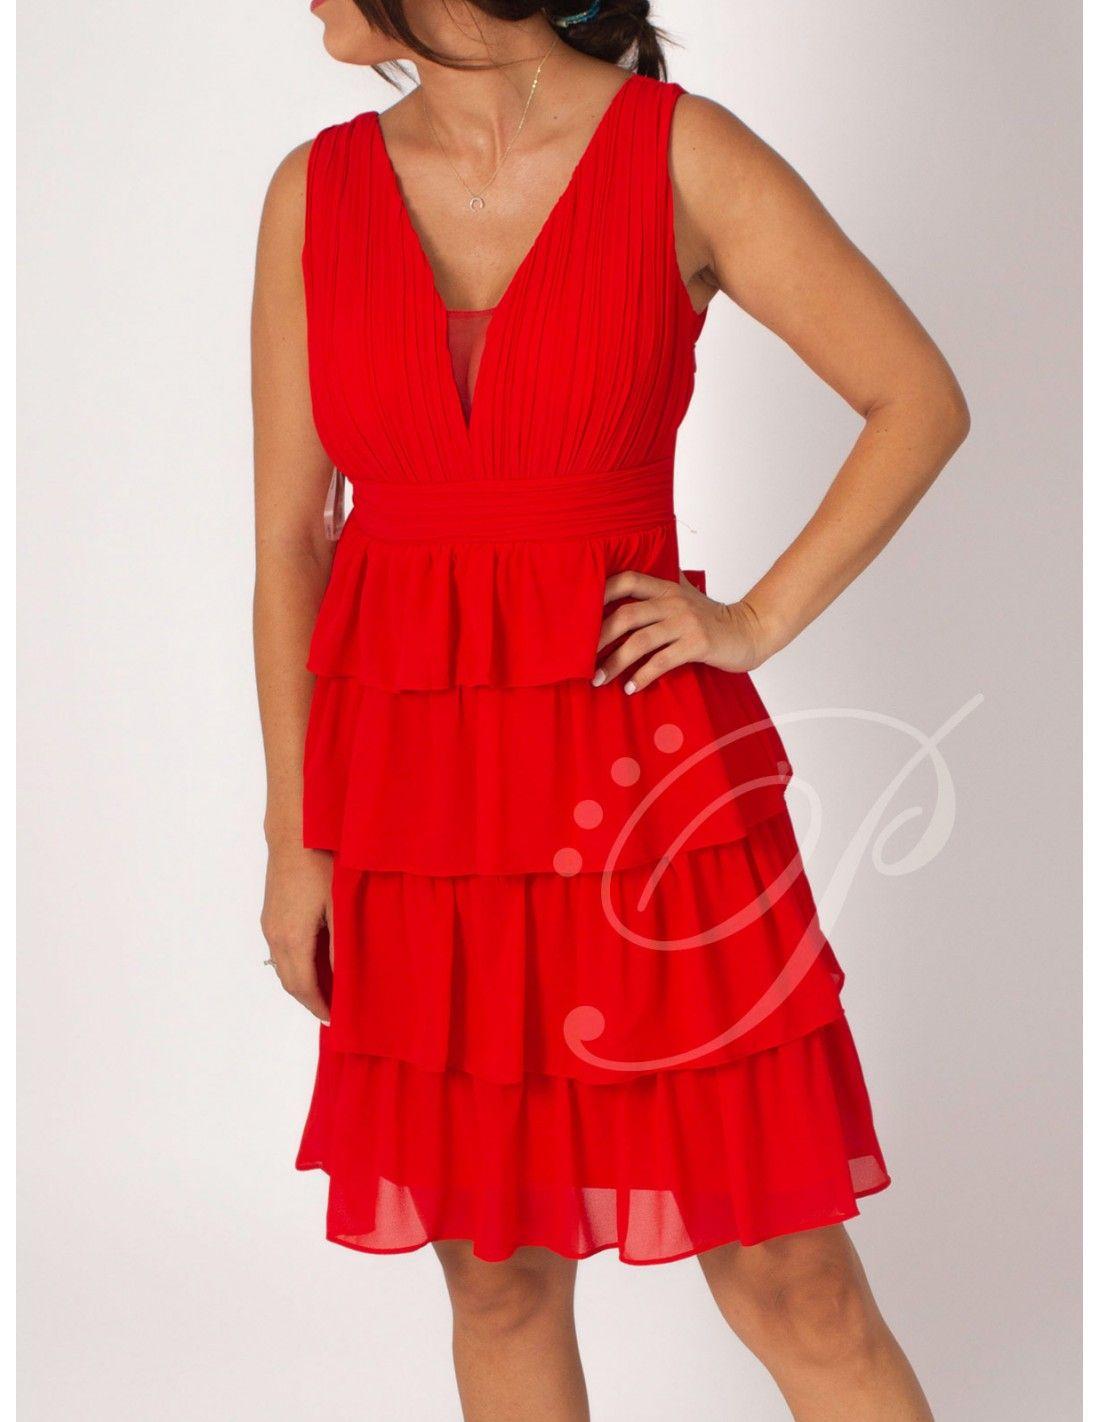 e8ae375d4 Vestido Shara Rojo - Vestido corto en color rojo. Escote en pico. Plisado en